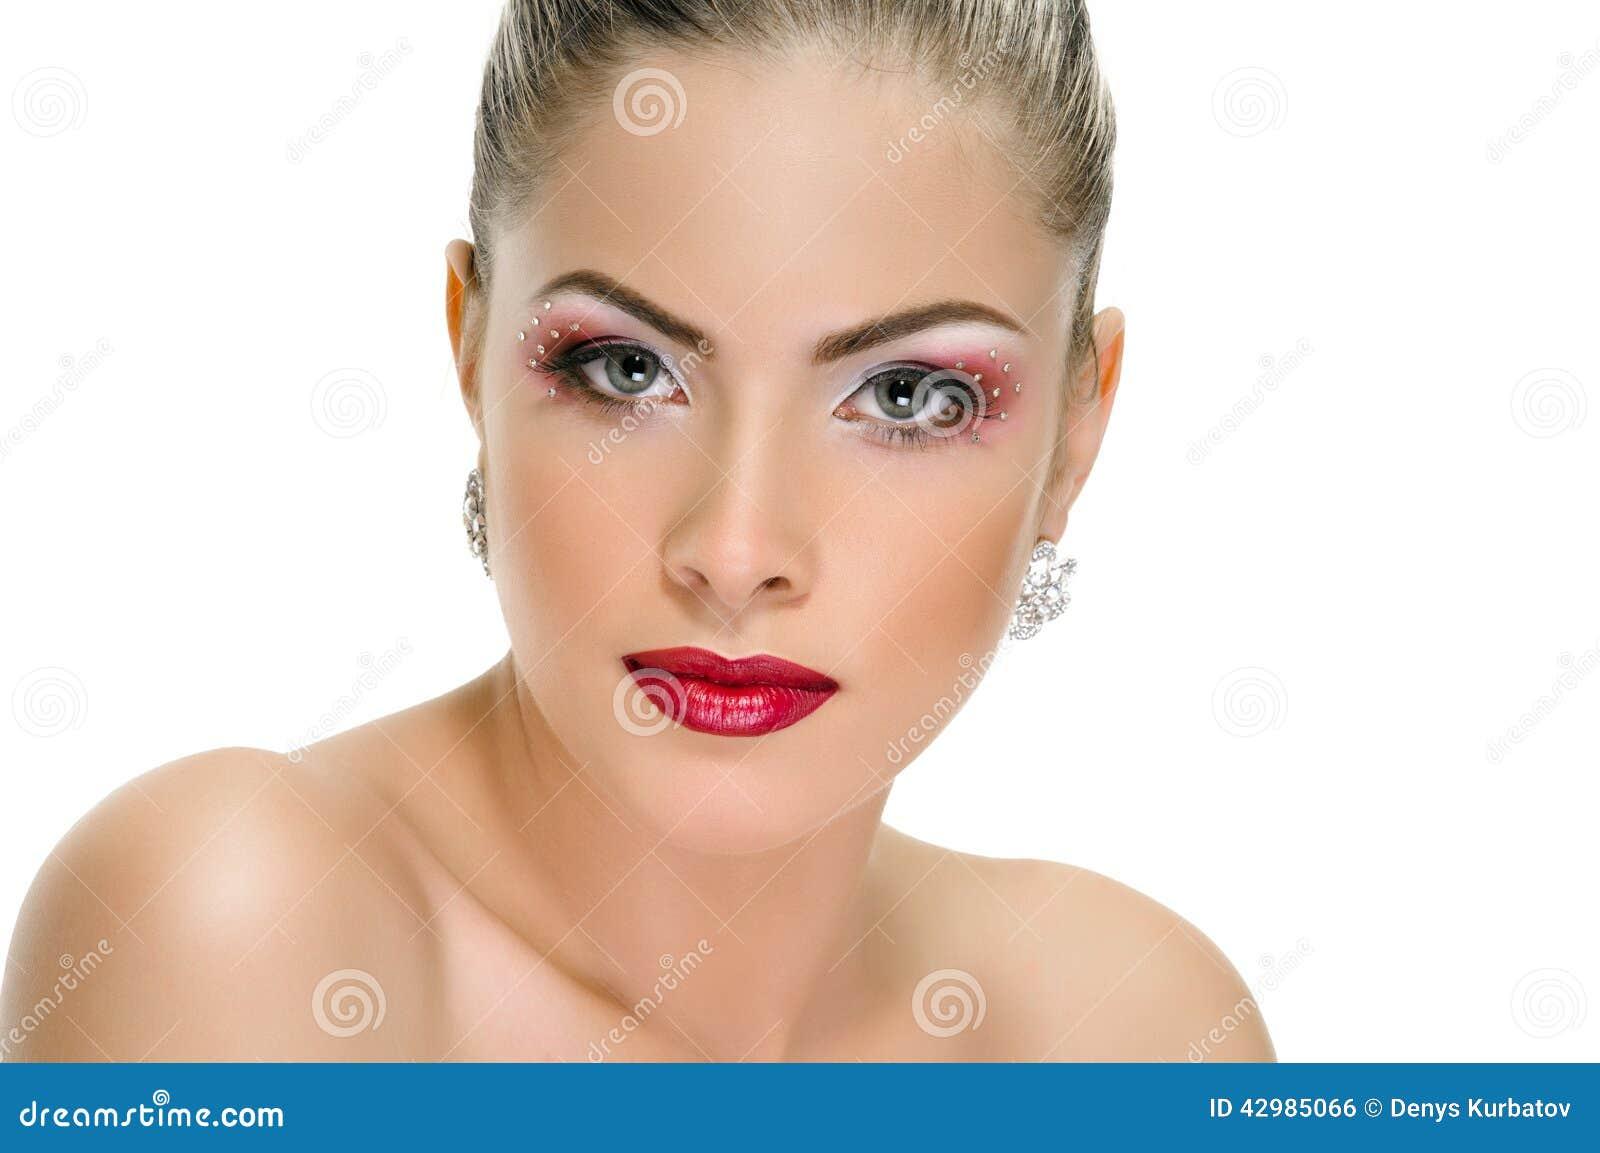 Visage mod le maquillage de l vres boucle d 39 oreille photo stock image 42985066 - Modele de maquillage ...